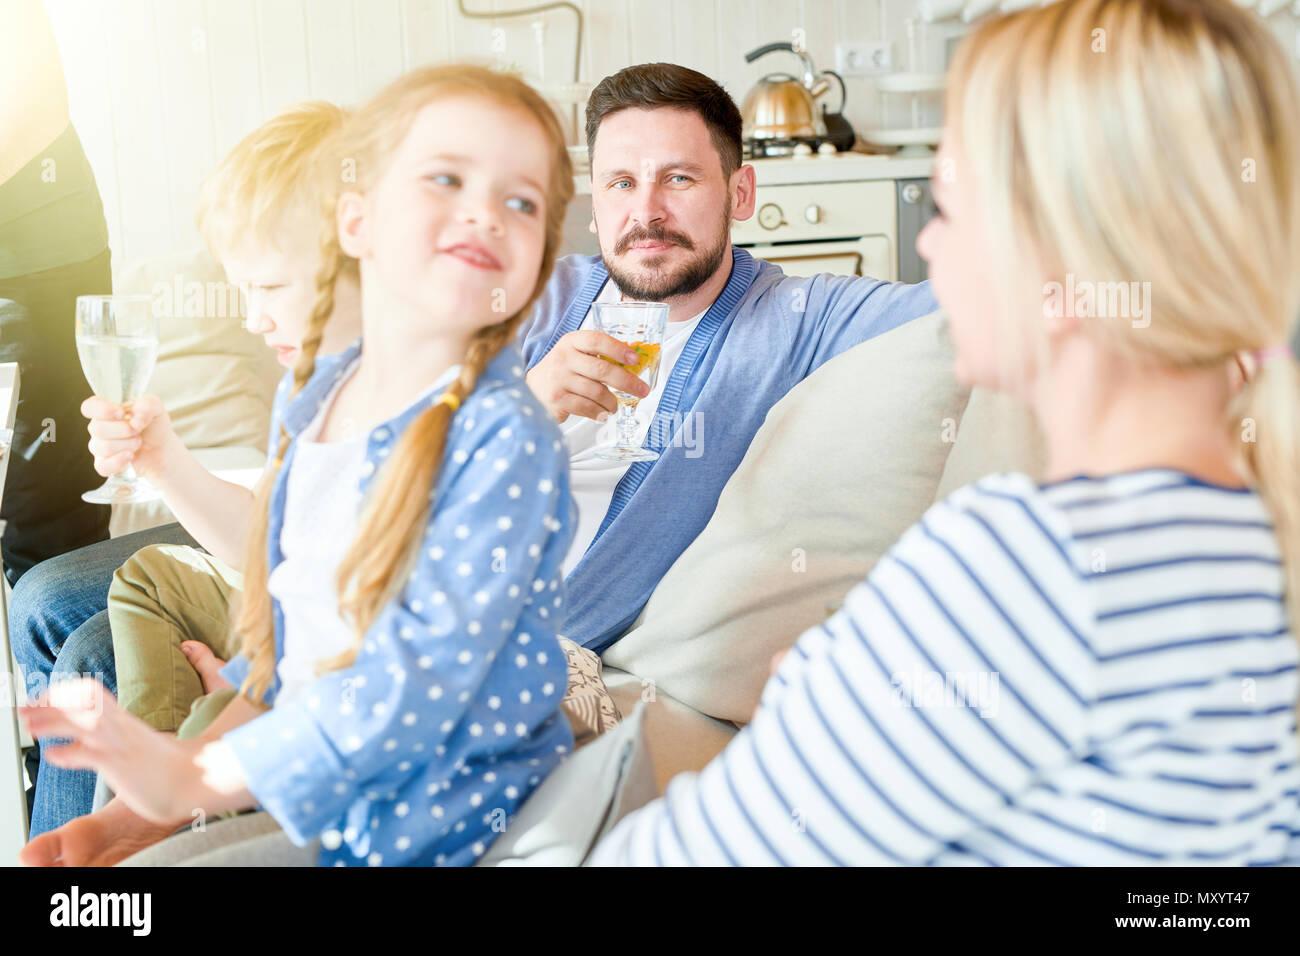 Portrait der glücklichen Familie mit zwei Kindern auf der Couch genießen festliche Dinner Party, zu Hause zu sitzen, auf der niedlichen rothaarigen Mädchen drehen an ihrer mo zu schauen Fokus Stockbild